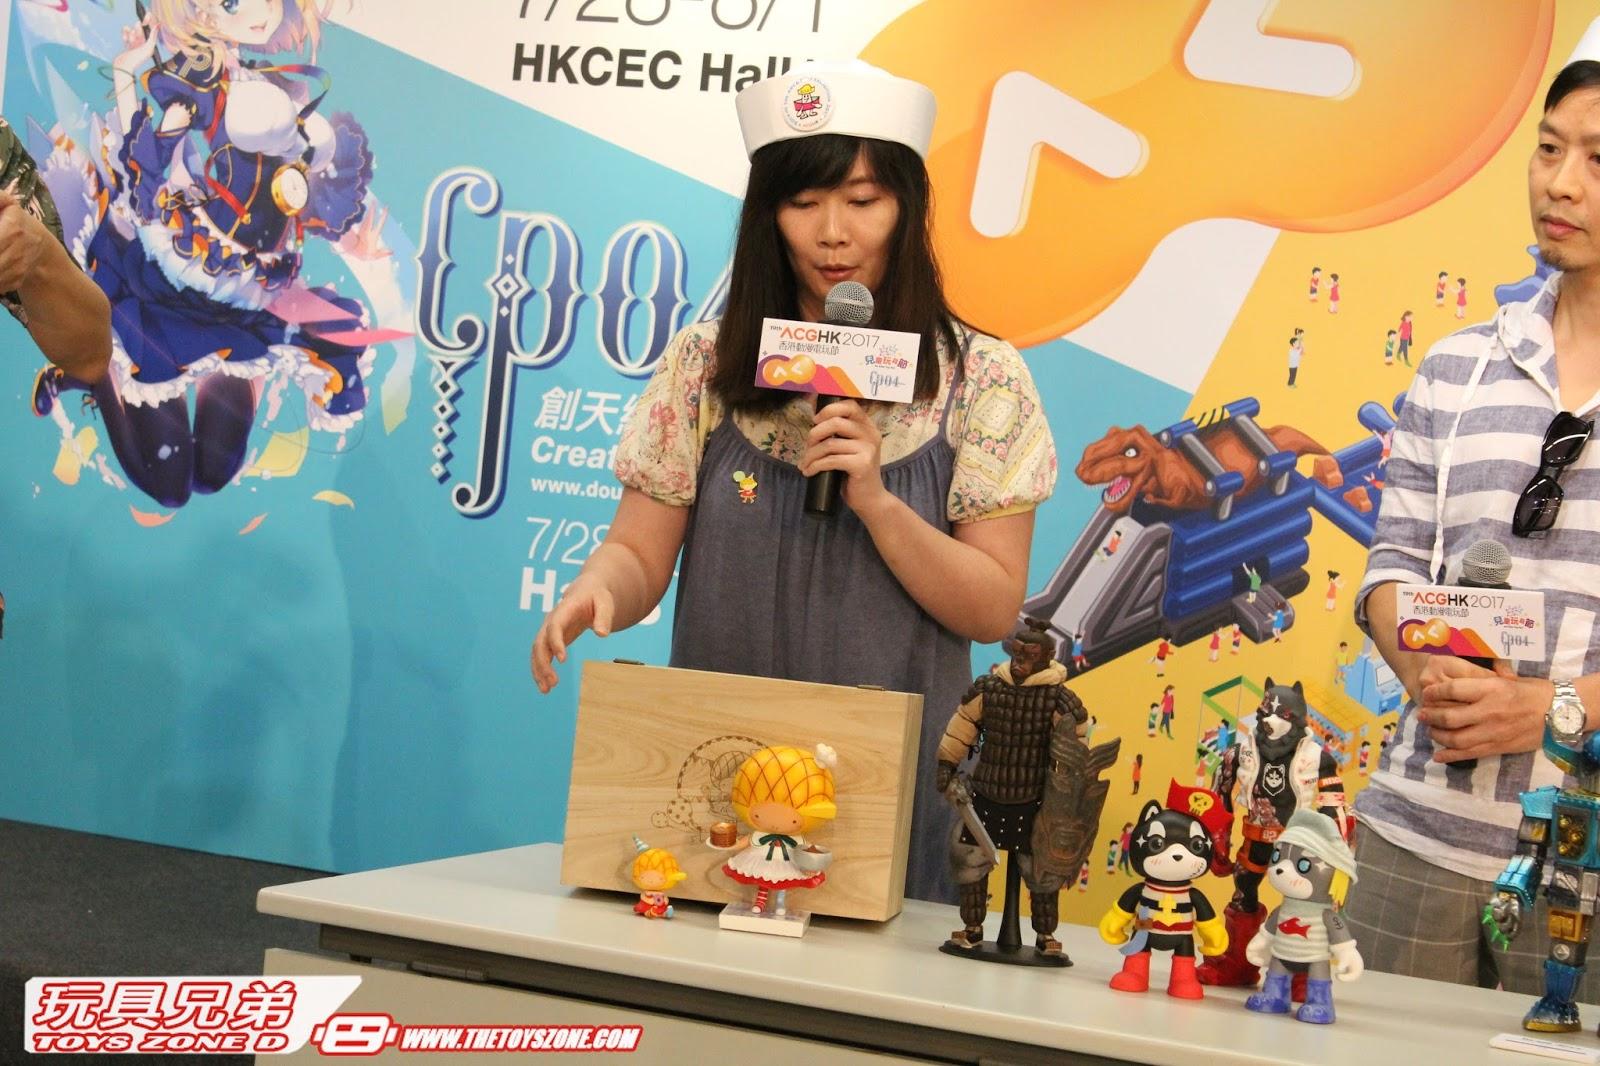 [玩具專題]第十九屆香港動漫電玩節(ACGHK 2017) 記者招待會實況! - Toys Zone D 玩具兄弟 -Figures Price List. Reviews